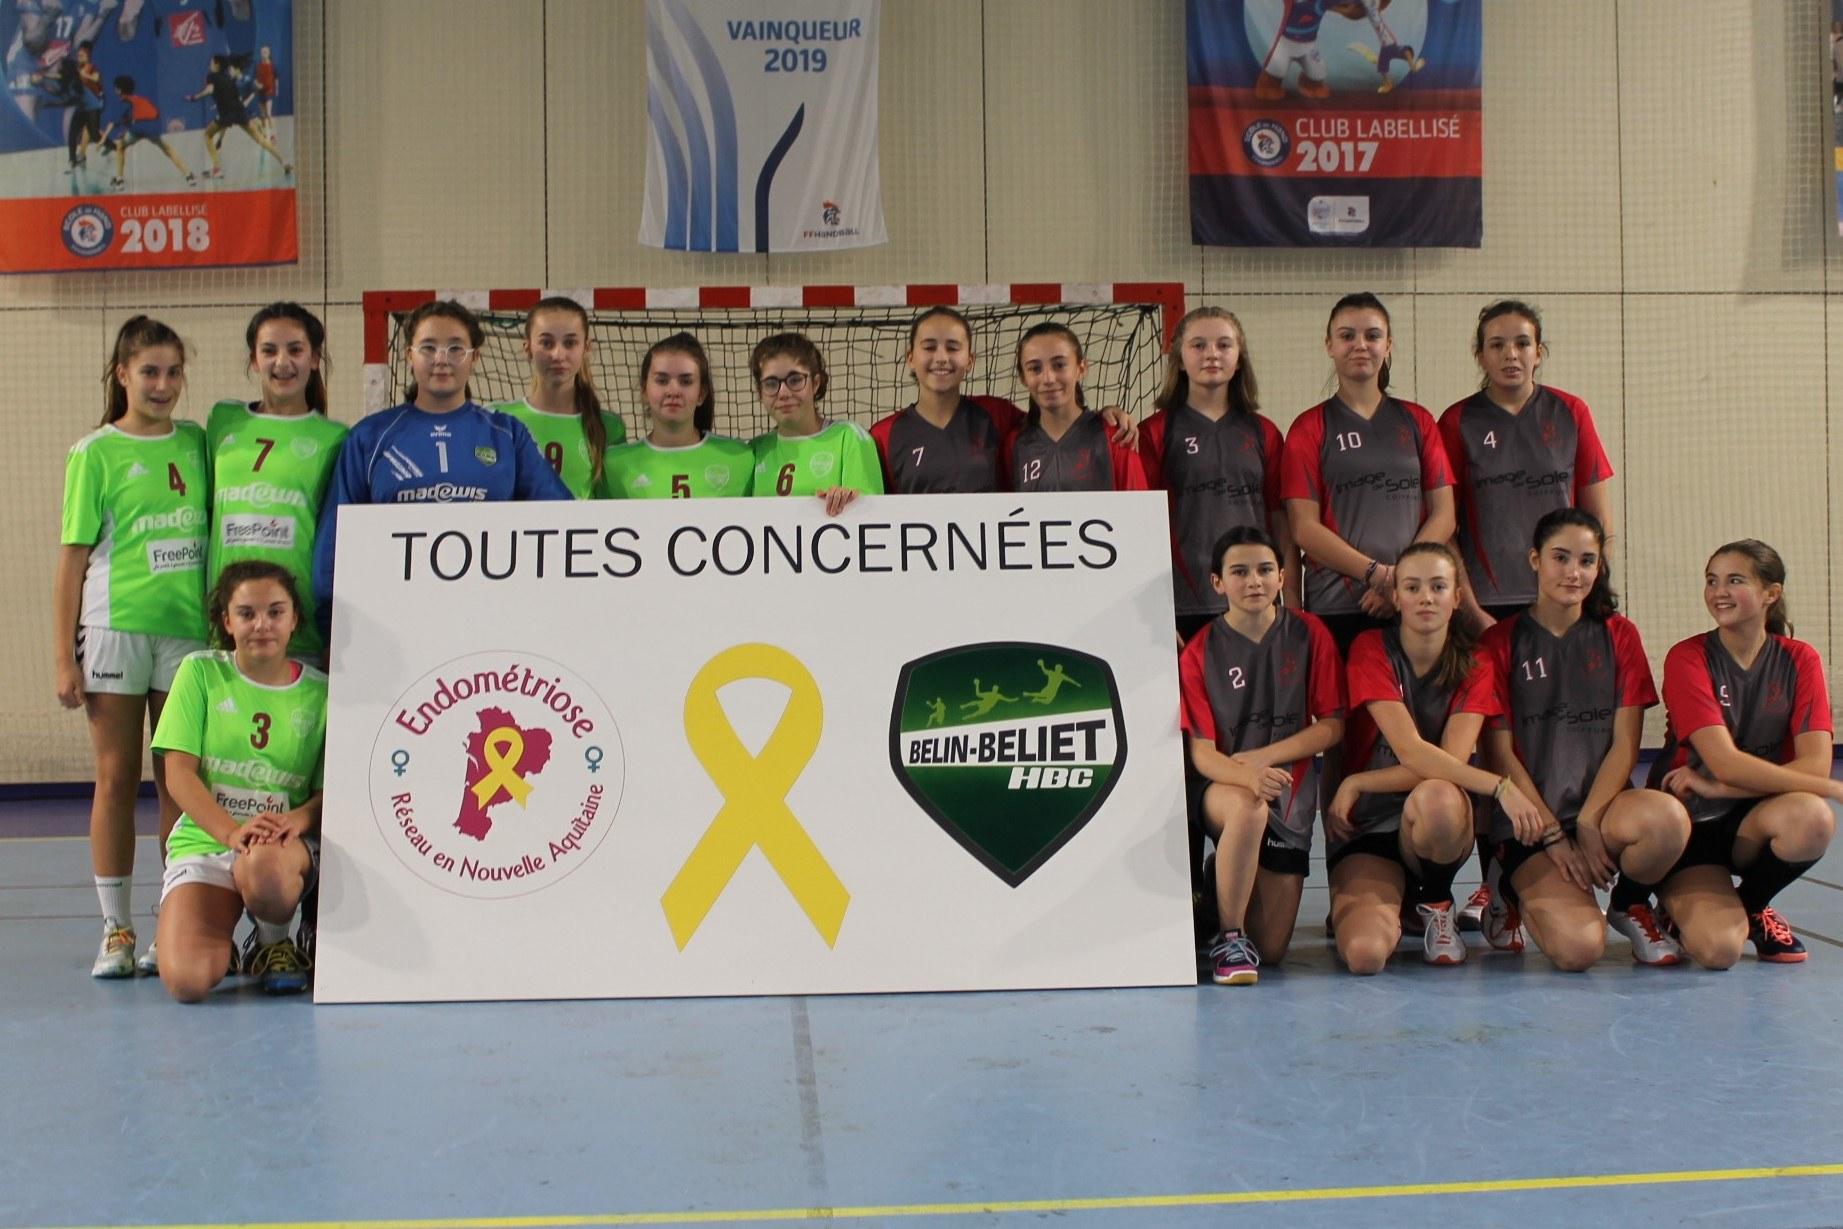 Tout au long de la journée, les équipes féminines étaient à l'honneur et ont fièrement apporté leur soutien en faveur de la lutte contre l'endométriose.